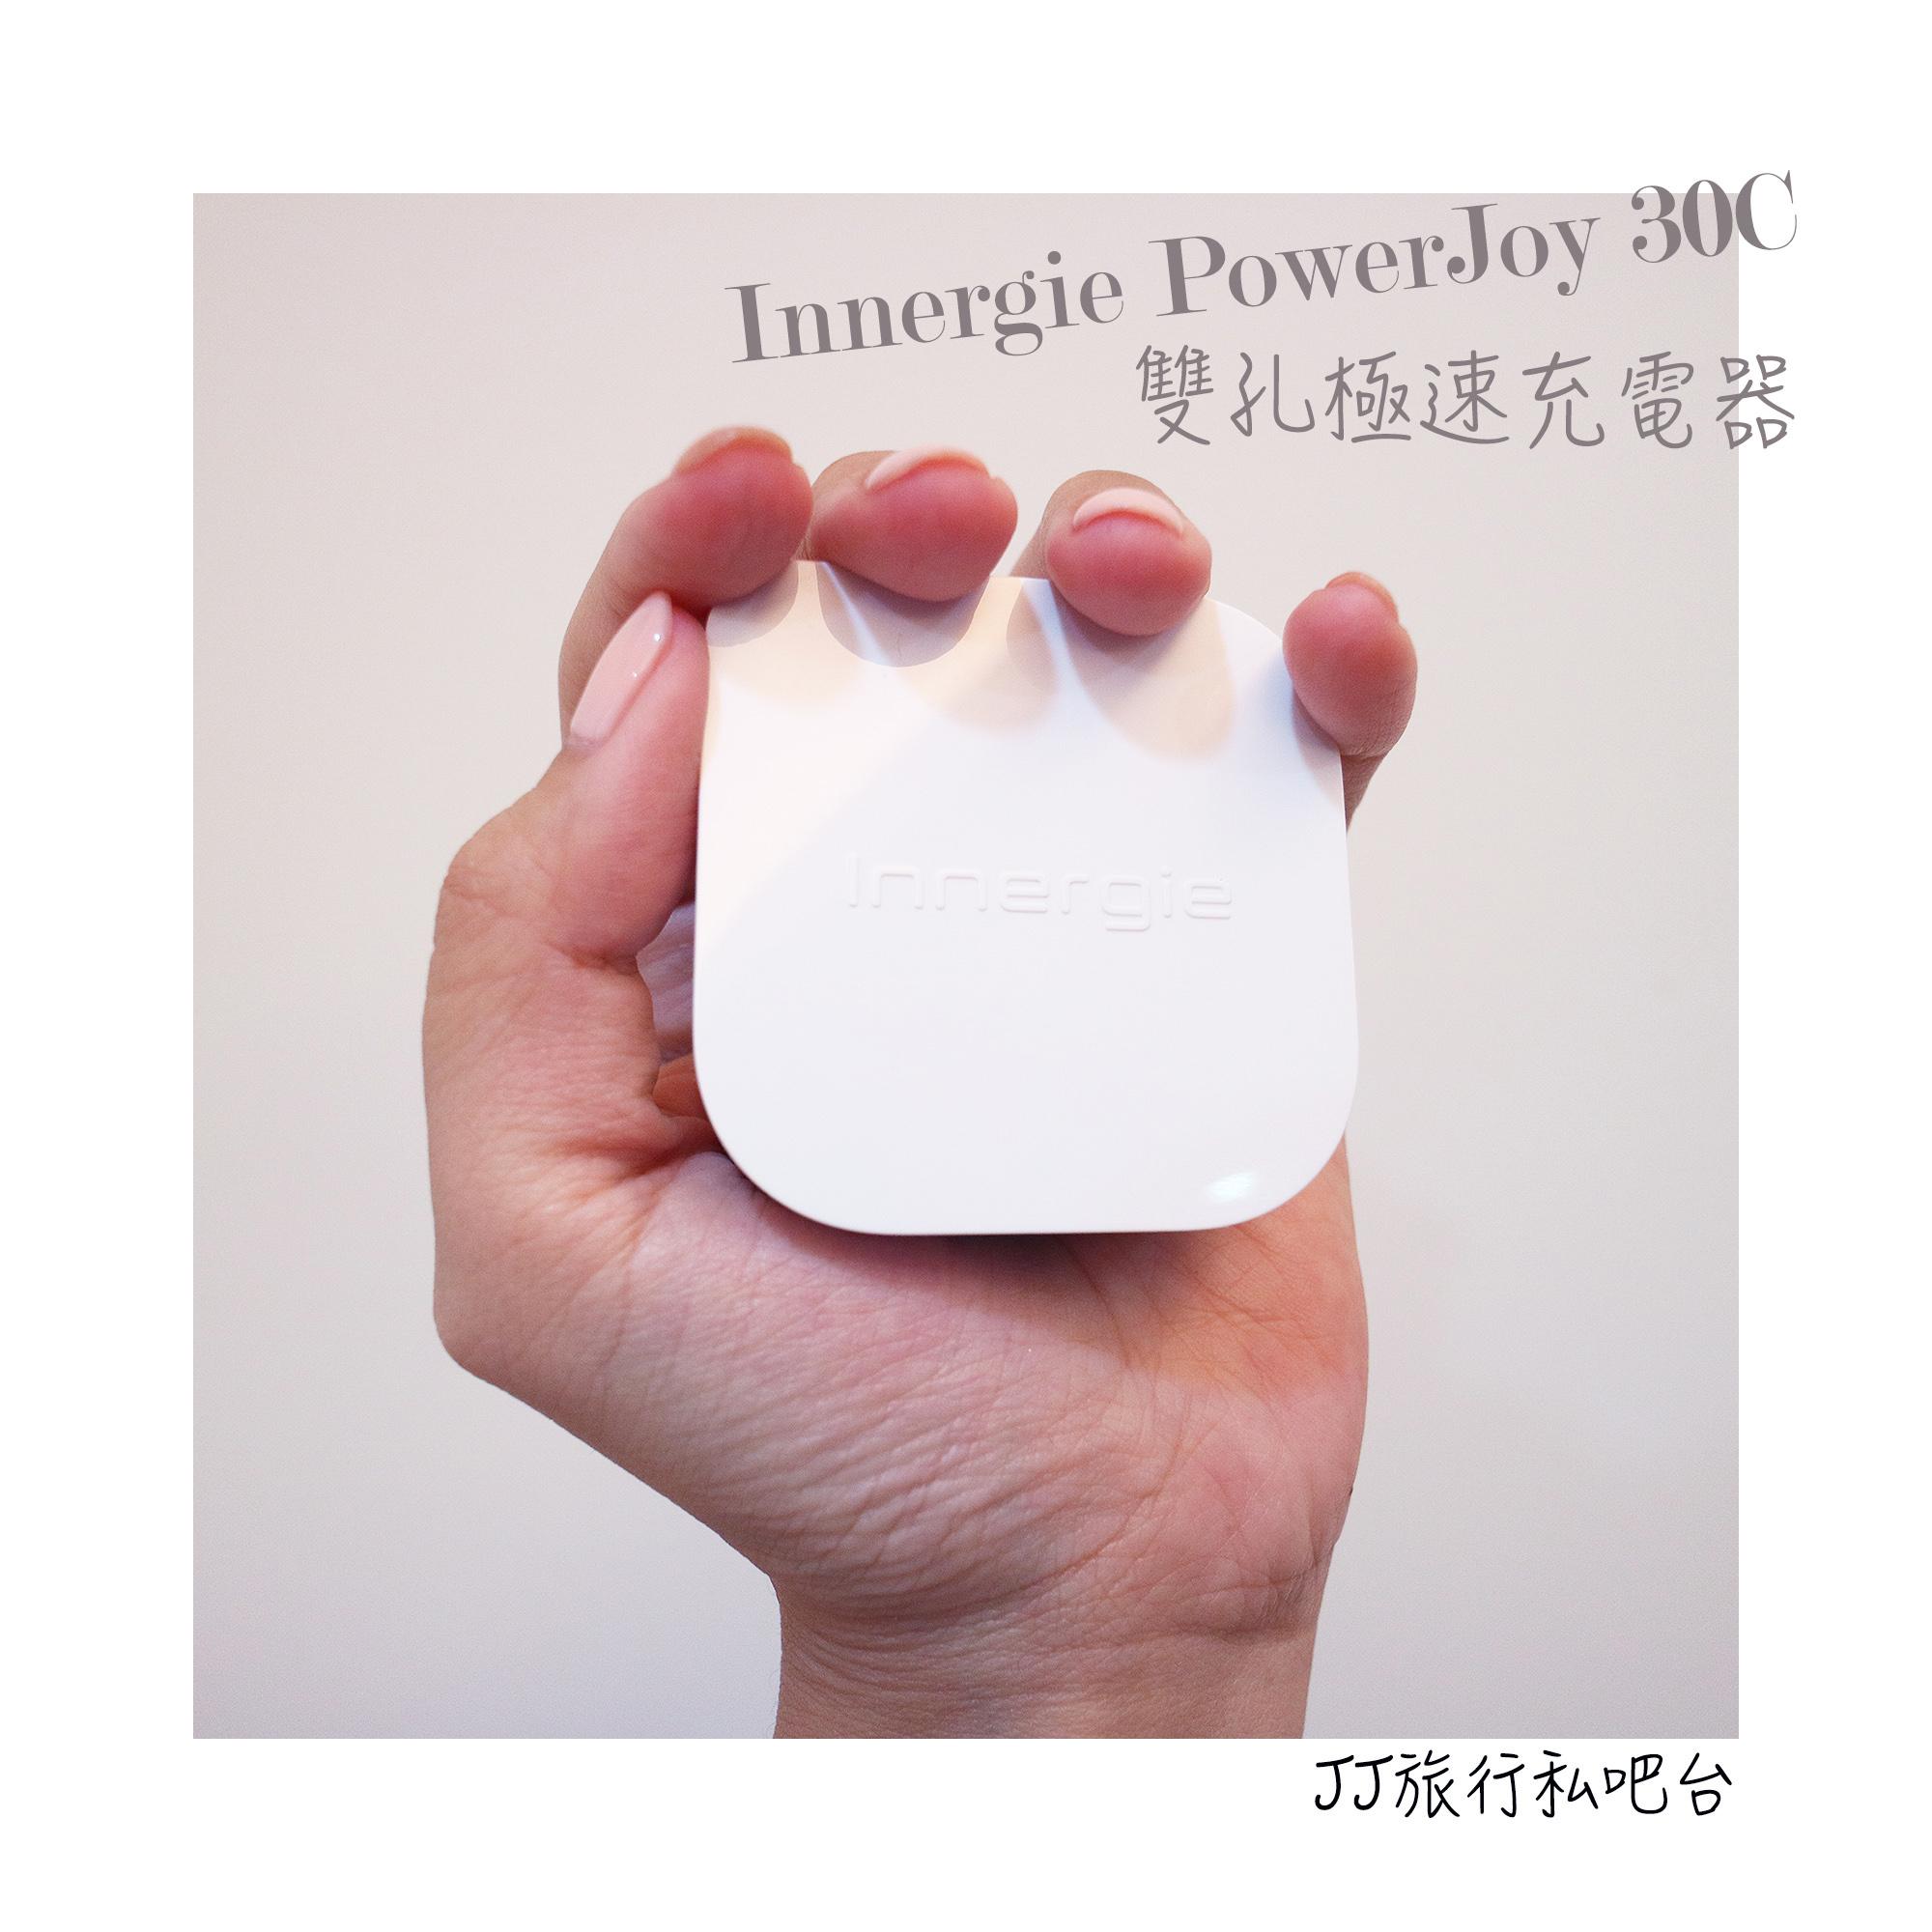 購物|Innergie PowerJoy 30C USB-C雙孔極速充電器開箱,快充+多國轉接頭=旅行萬用充電器